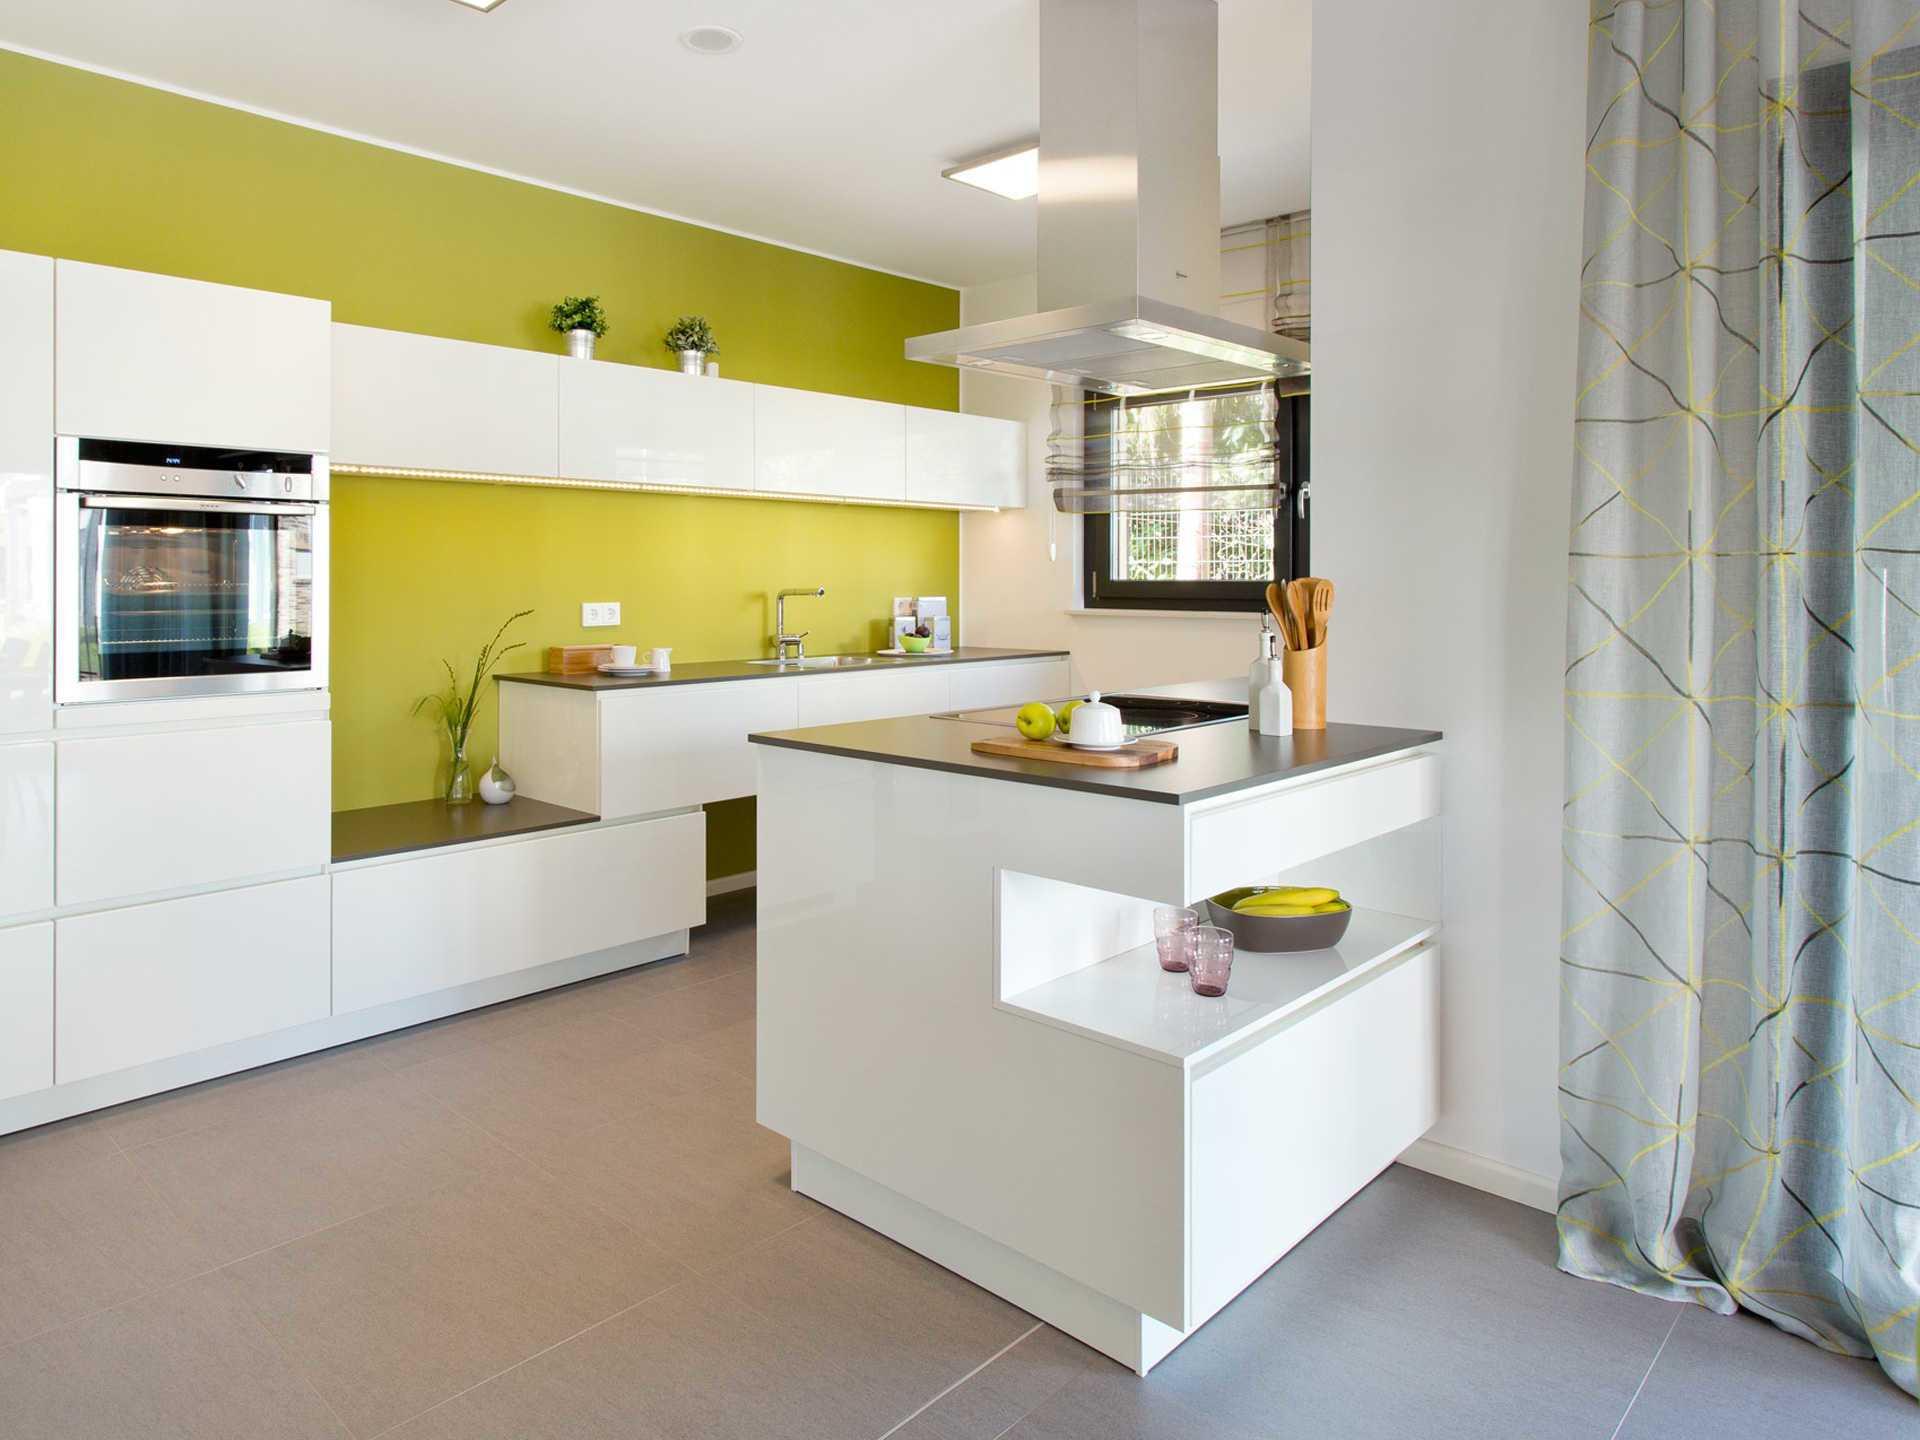 Einfamilienhaus R 140.20 Küche